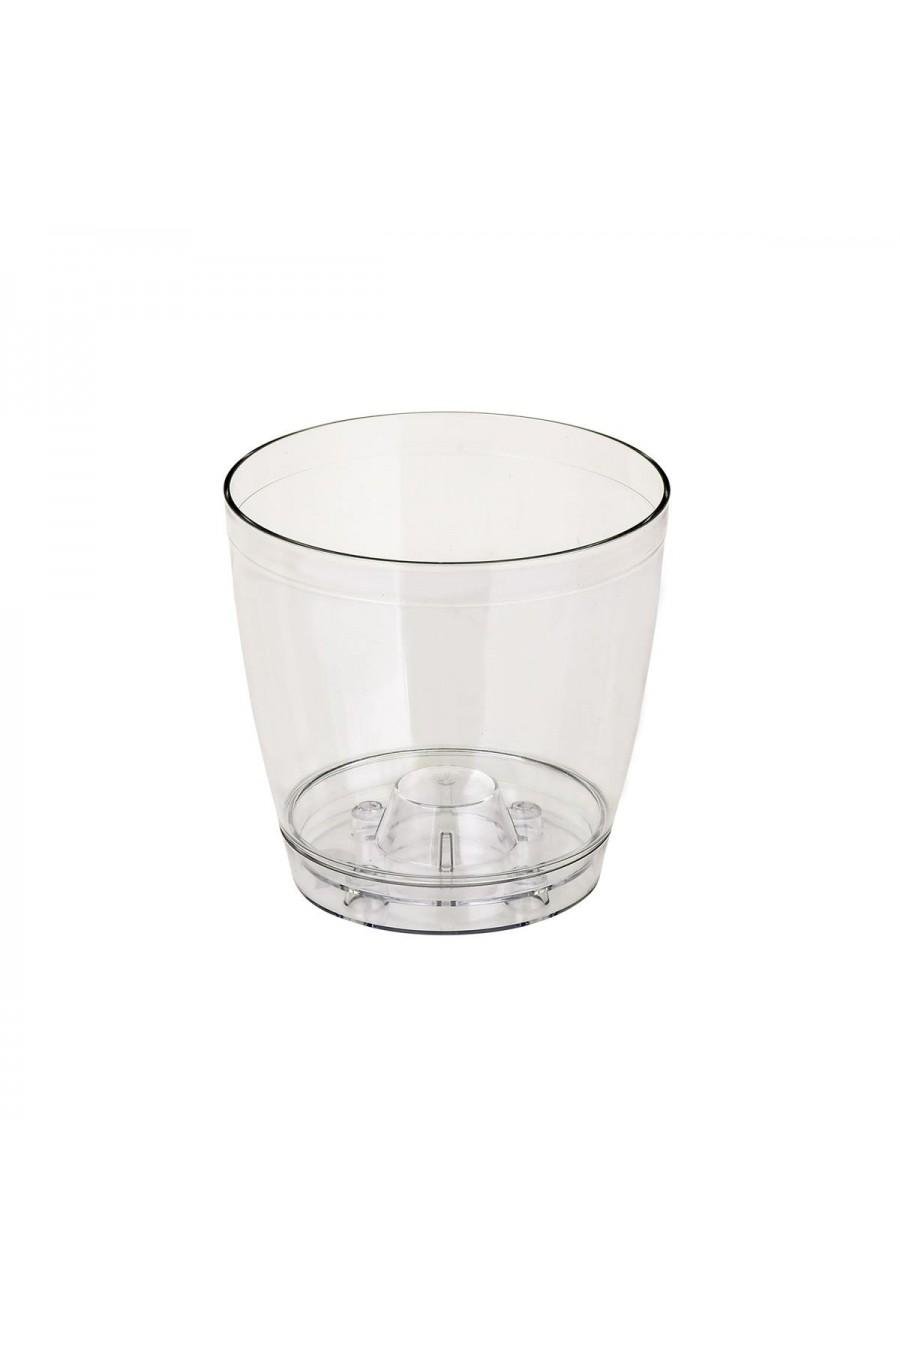 PlastArt Kristal Orkide Saksı | 1,5 lt.